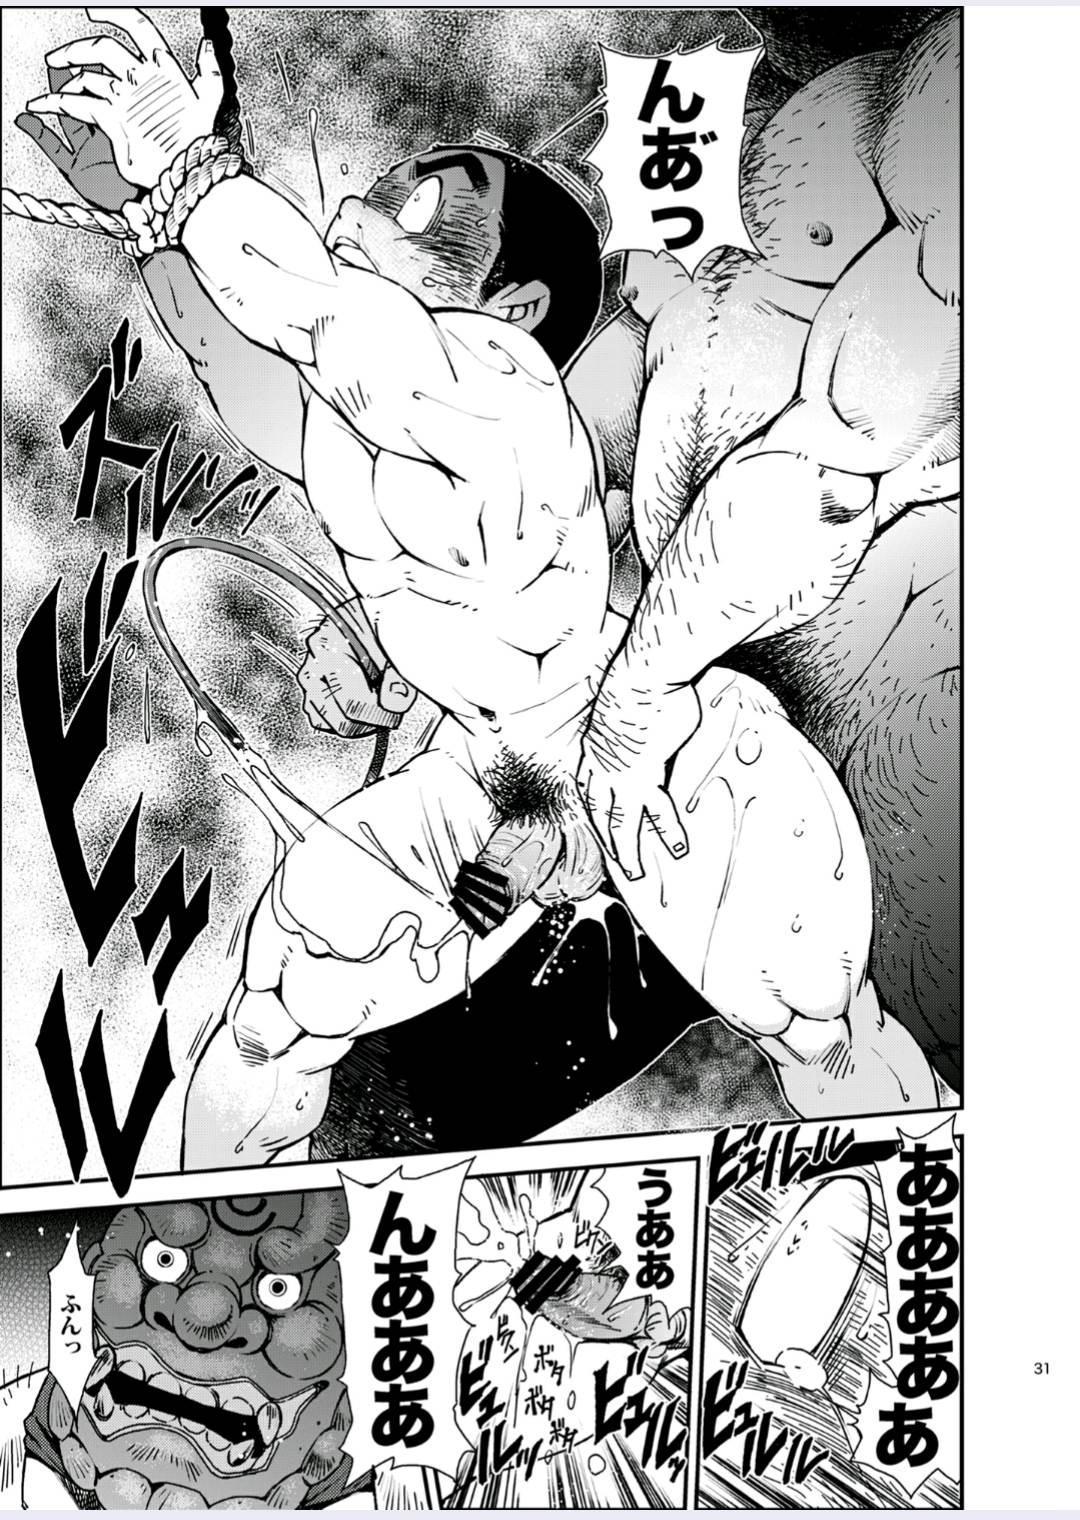 [KOWMEIISM (Kasai Kowmei)] Tadashii Danshi no Kyouren Hou (Yon) Deku to Kairai to [Digital] 31